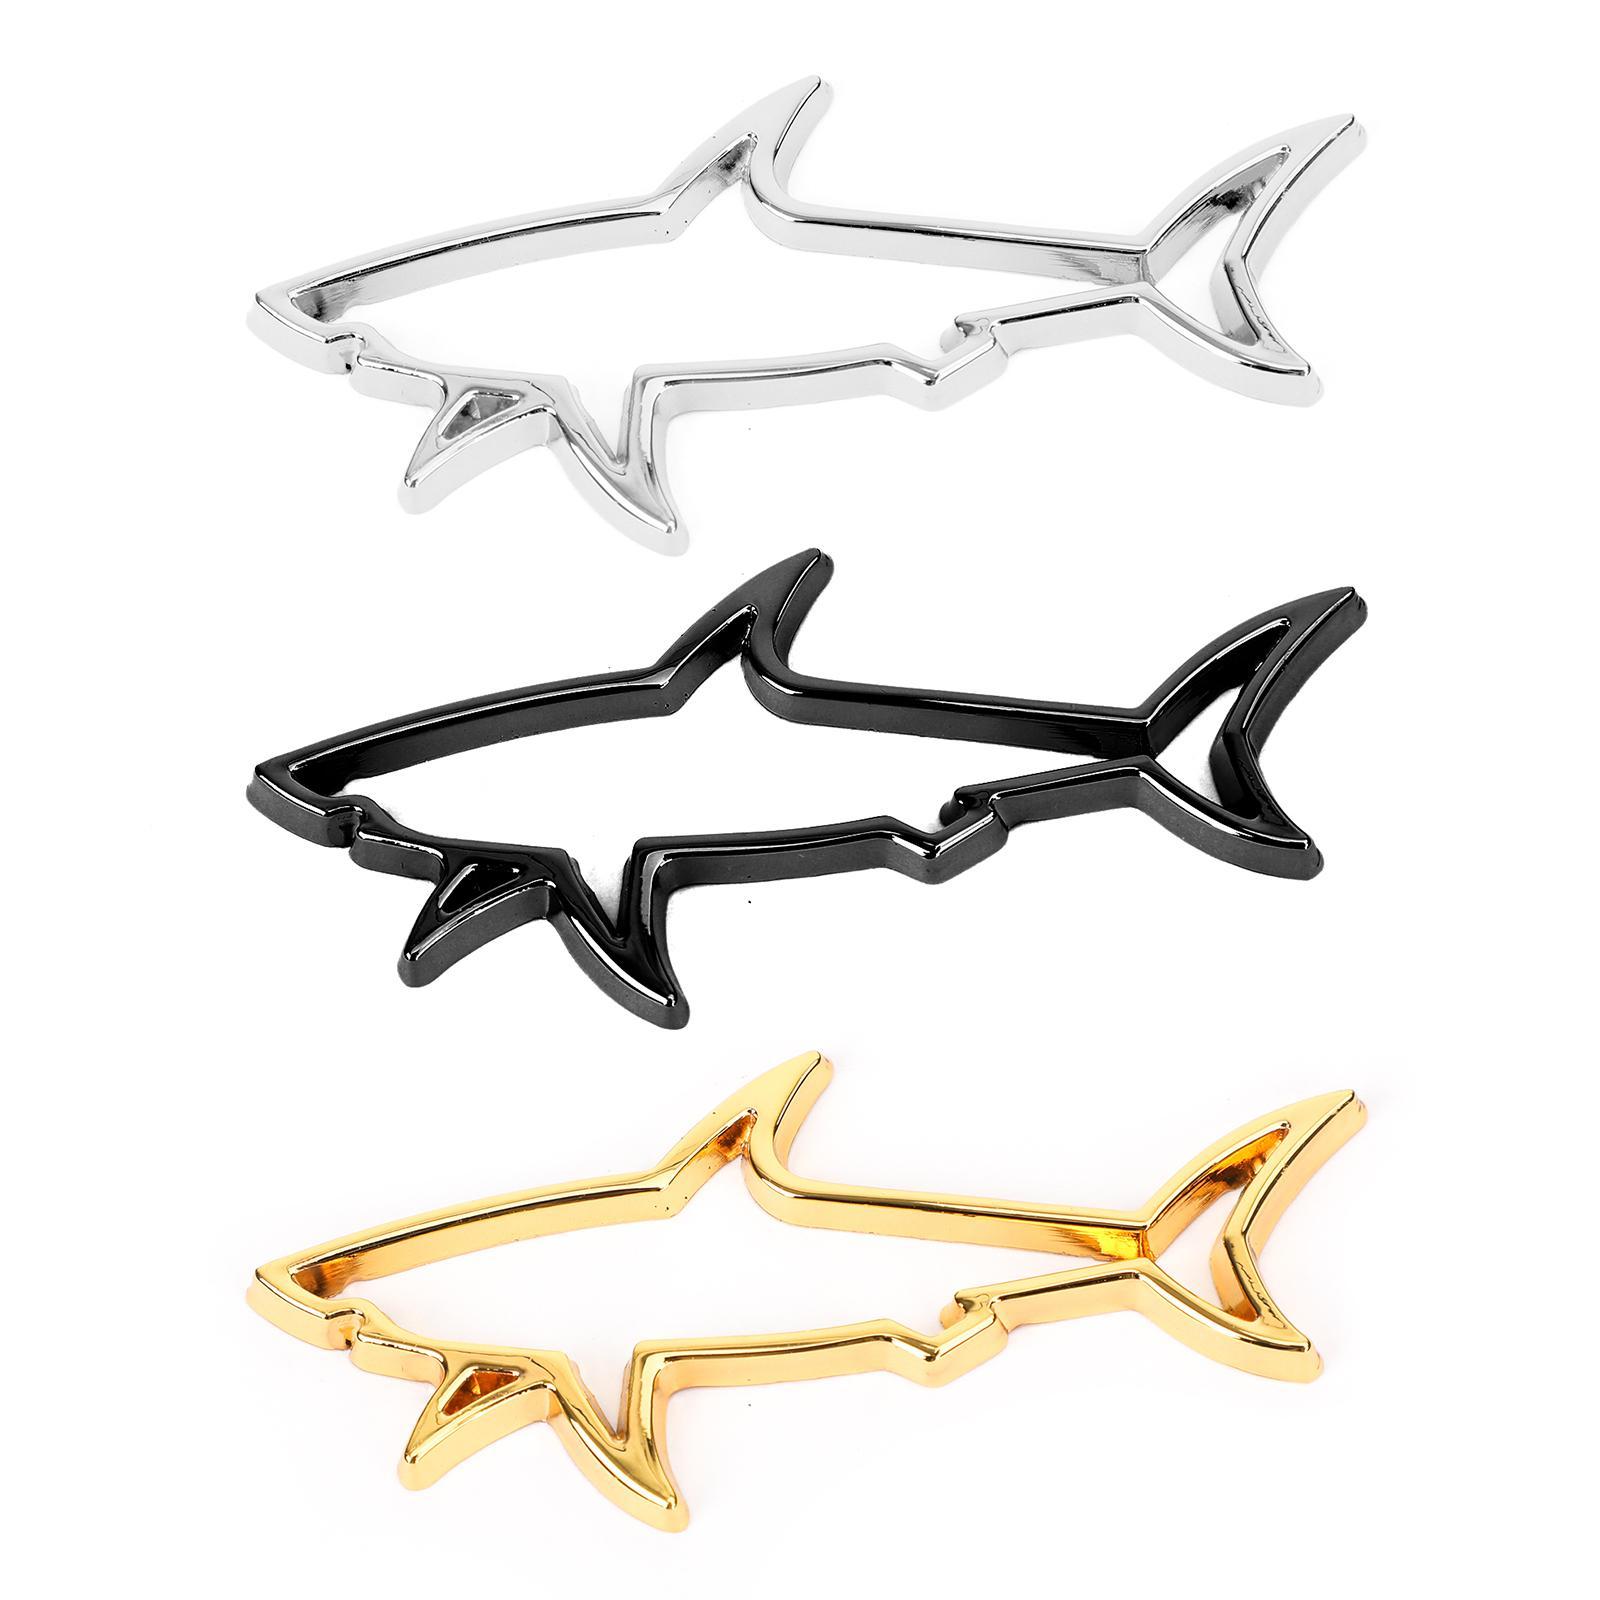 Areyourshop سيارة معدنية جديدة زعنفة القرش سيارة شعار السيارات SUV السمك شارة ملصق مائي لاكسسوارات السيارات اكسسوارات السيارات أجزاء